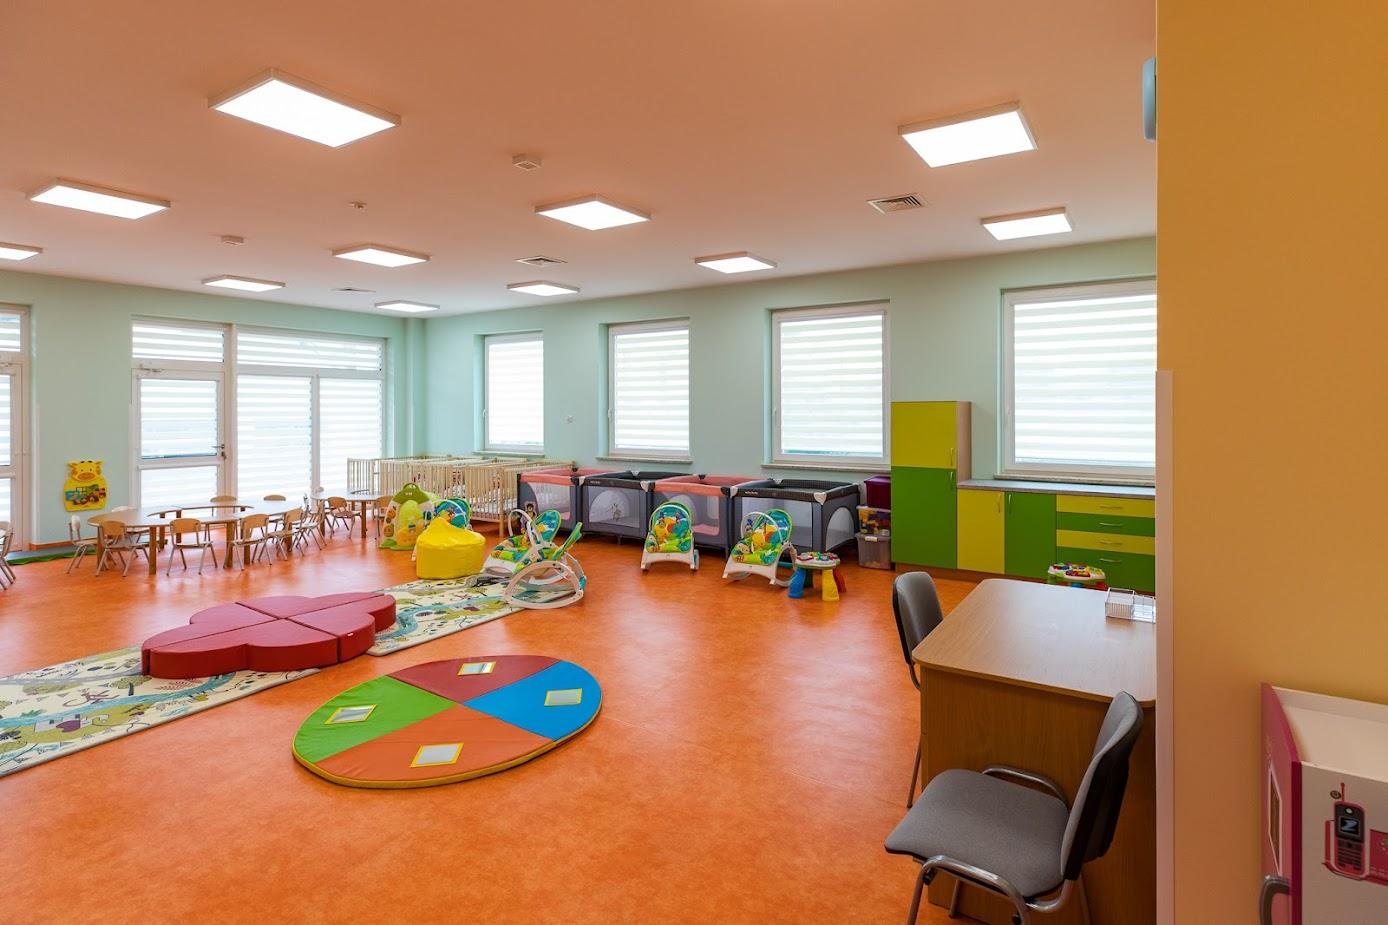 Nowy żłobek i przedszkole za ponad 17 milionów złotych [ZDJĘCIA, WIDEO] - Zdjęcie główne